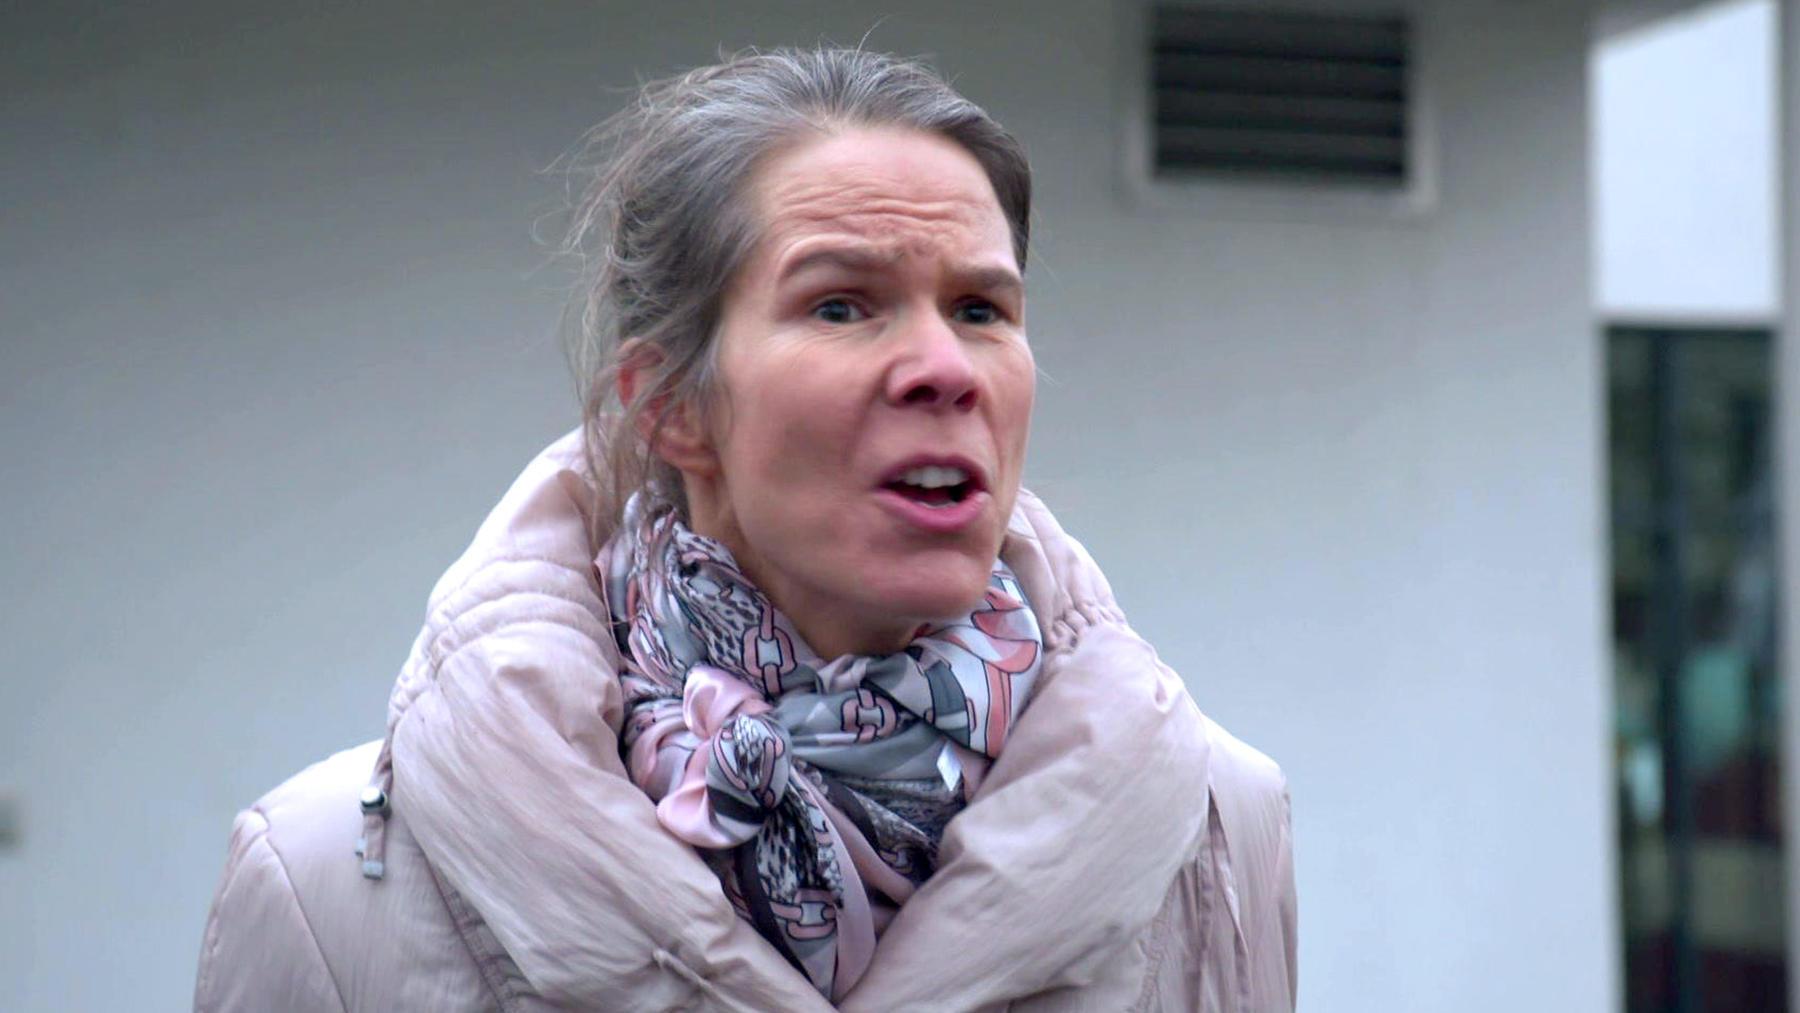 Schwiegermutter lässt nicht locker / Streit um Welpen eskaliert